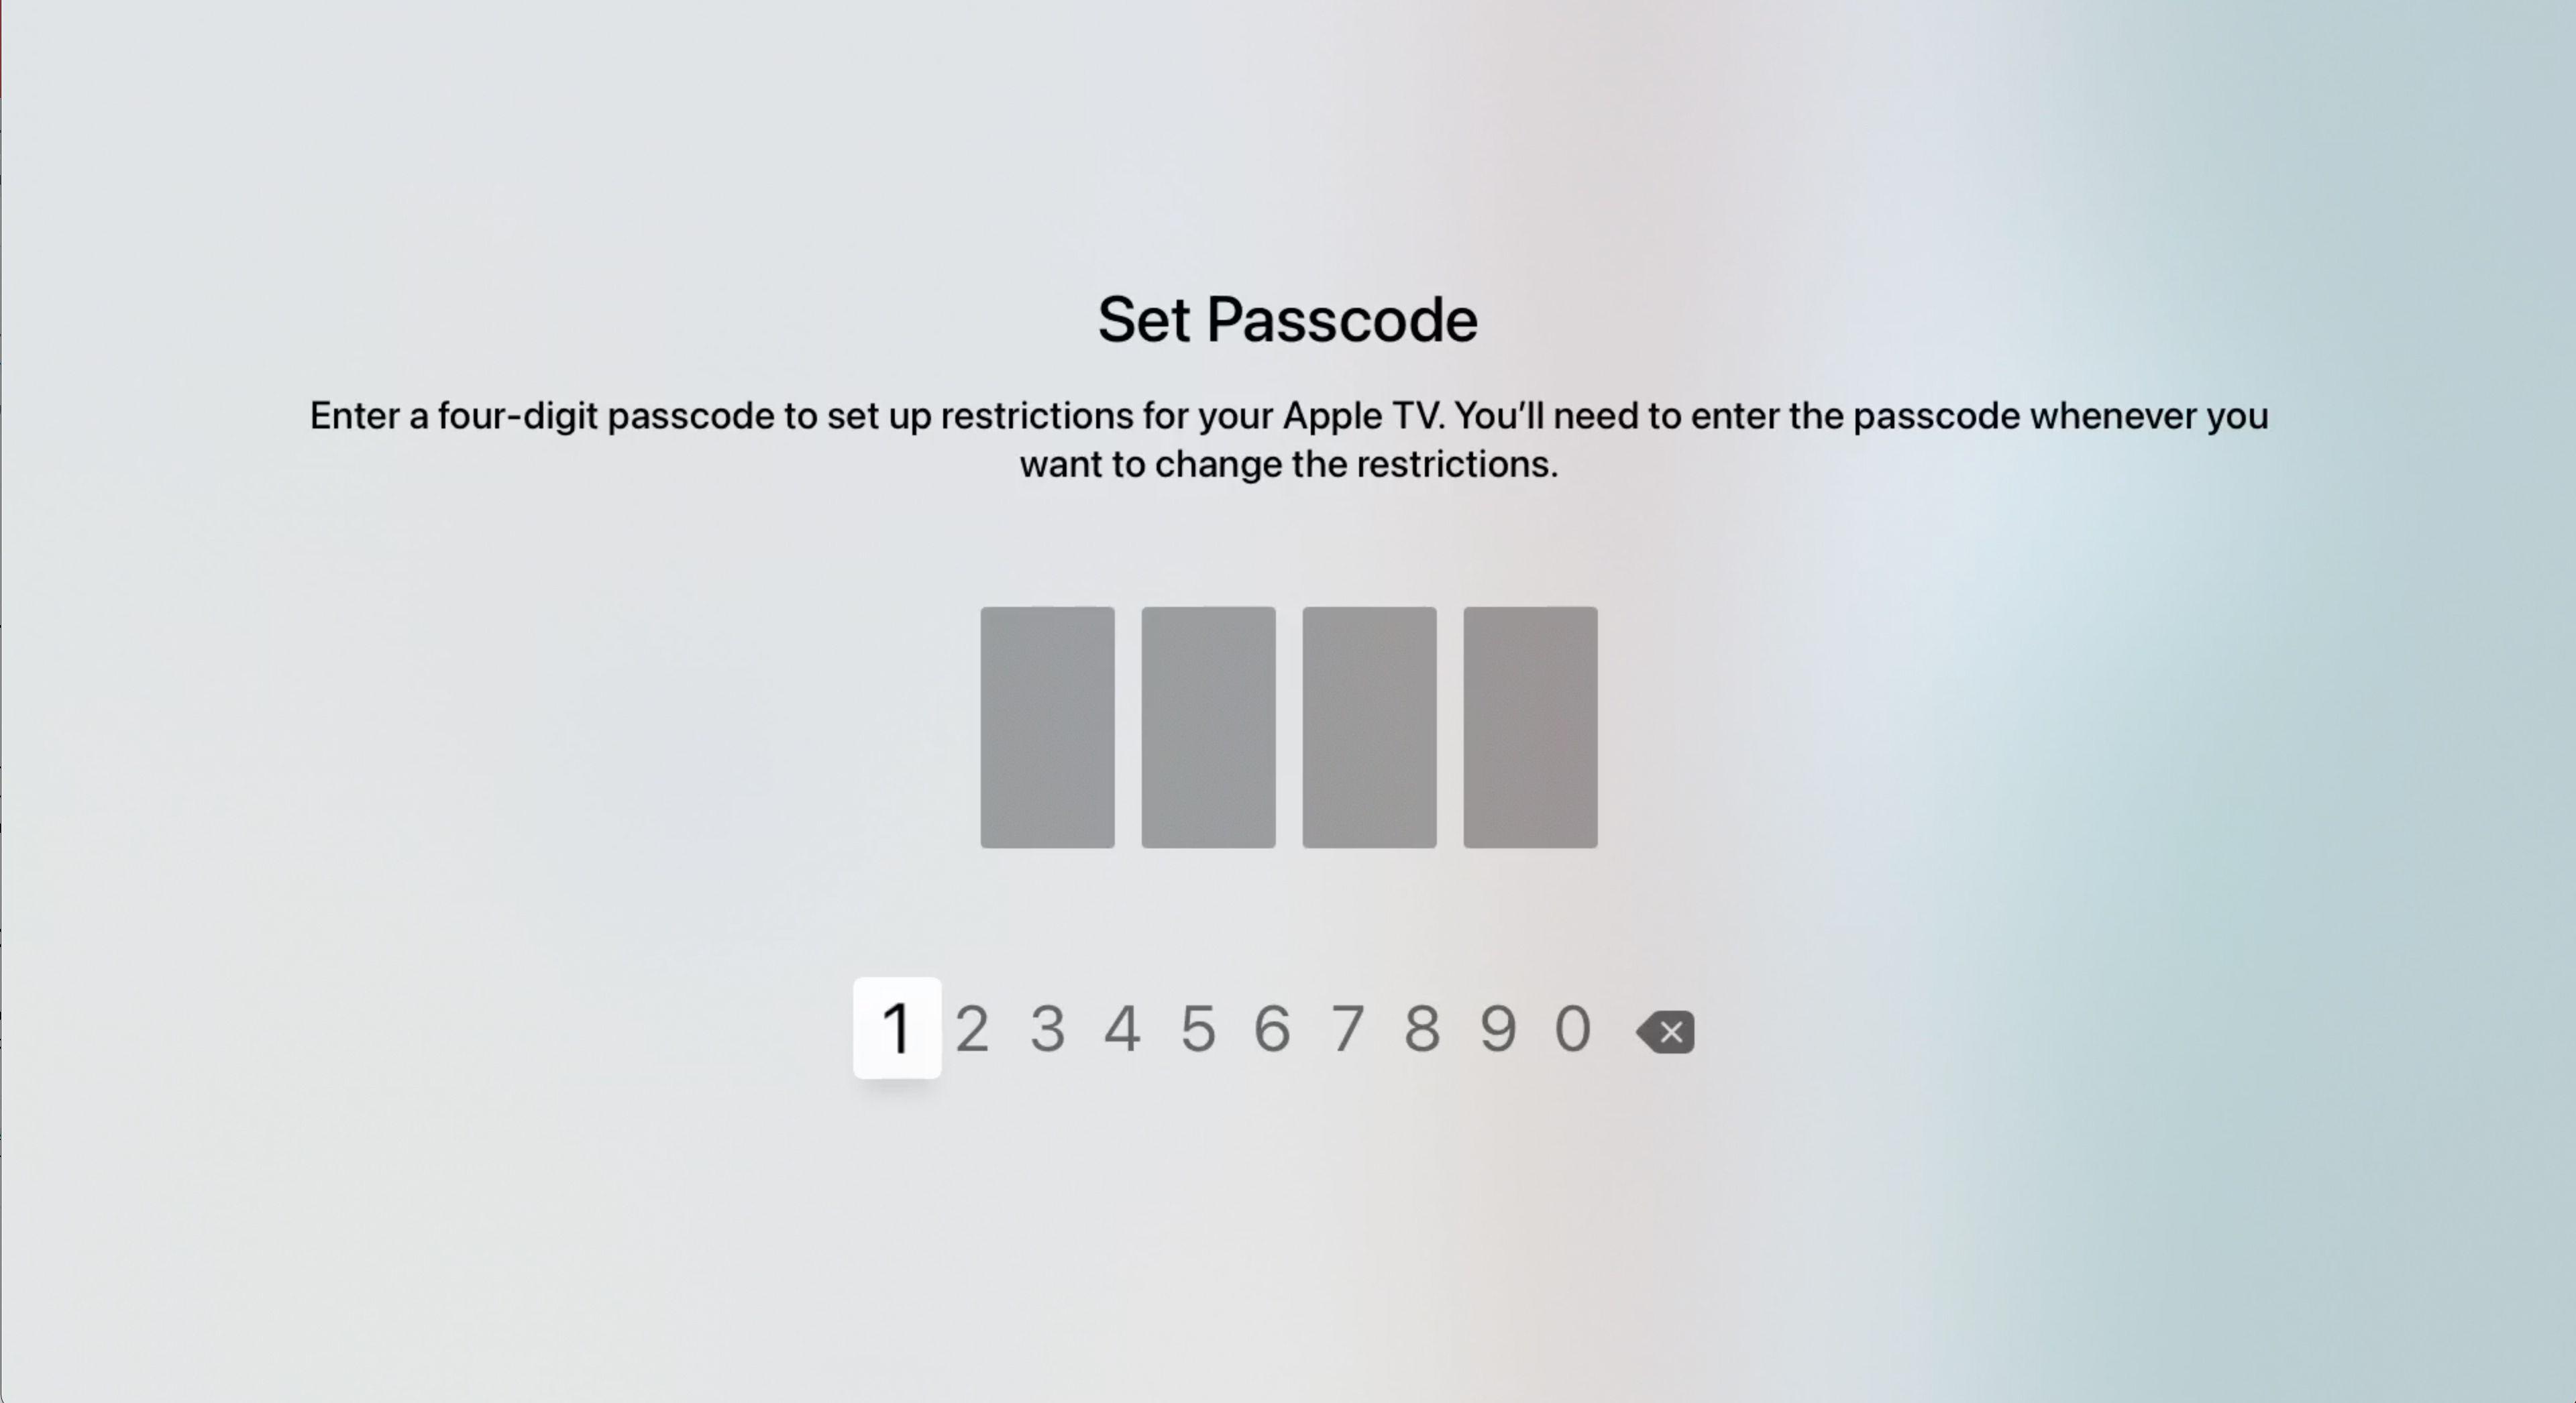 Set passcode screen in Apple TV settings